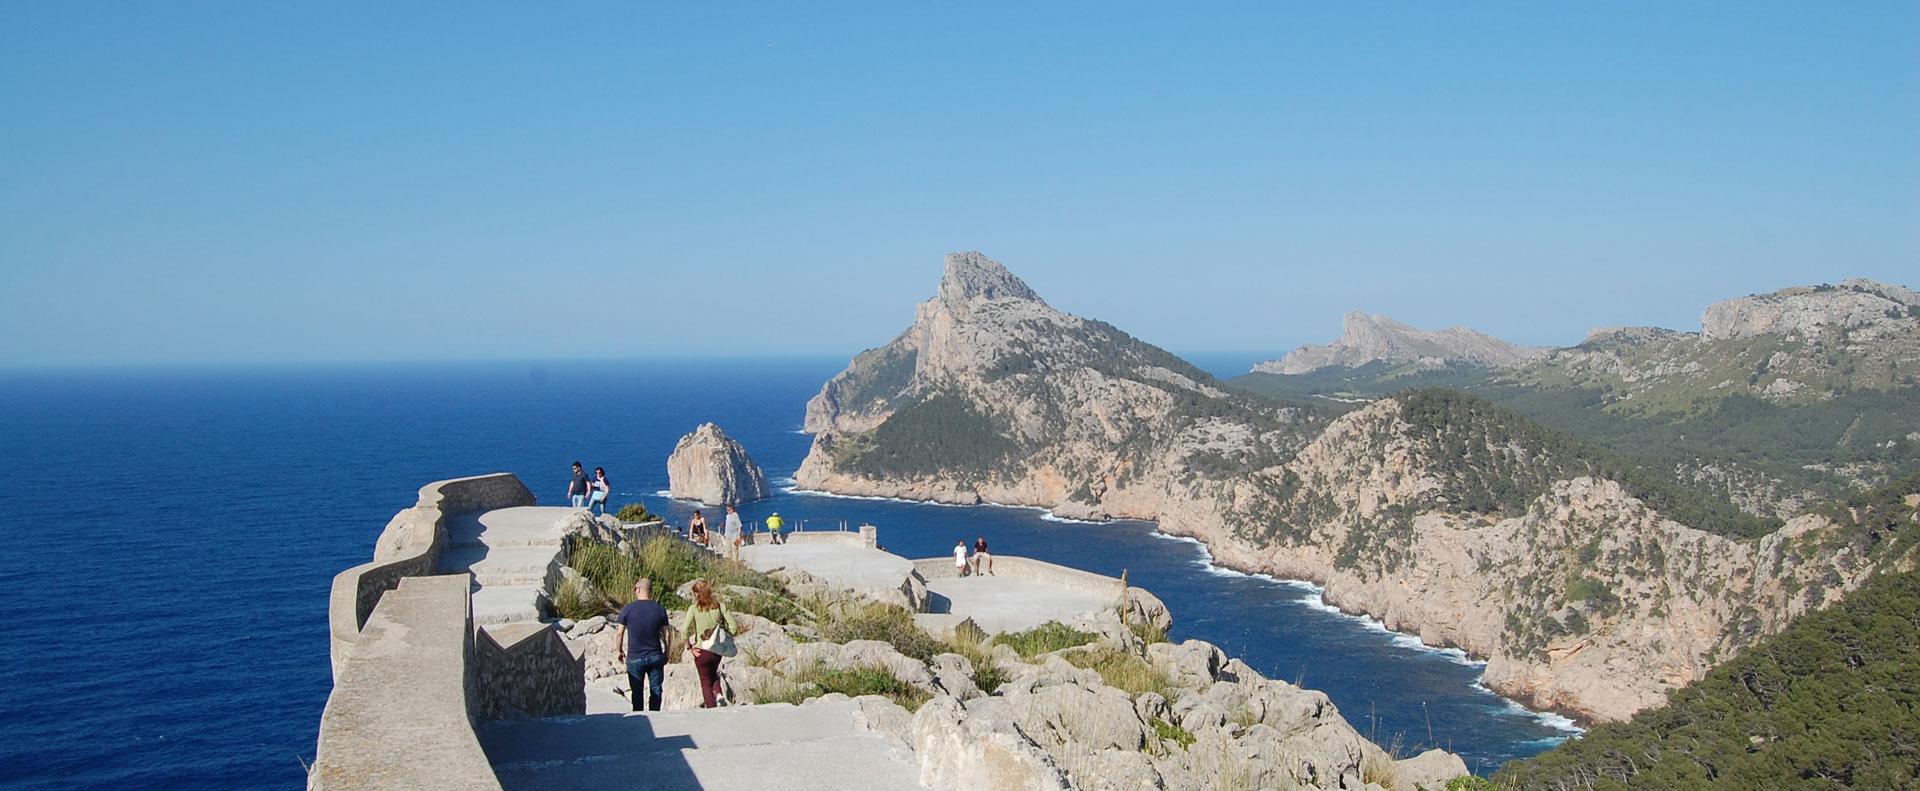 Majorca Forementor Peninsula